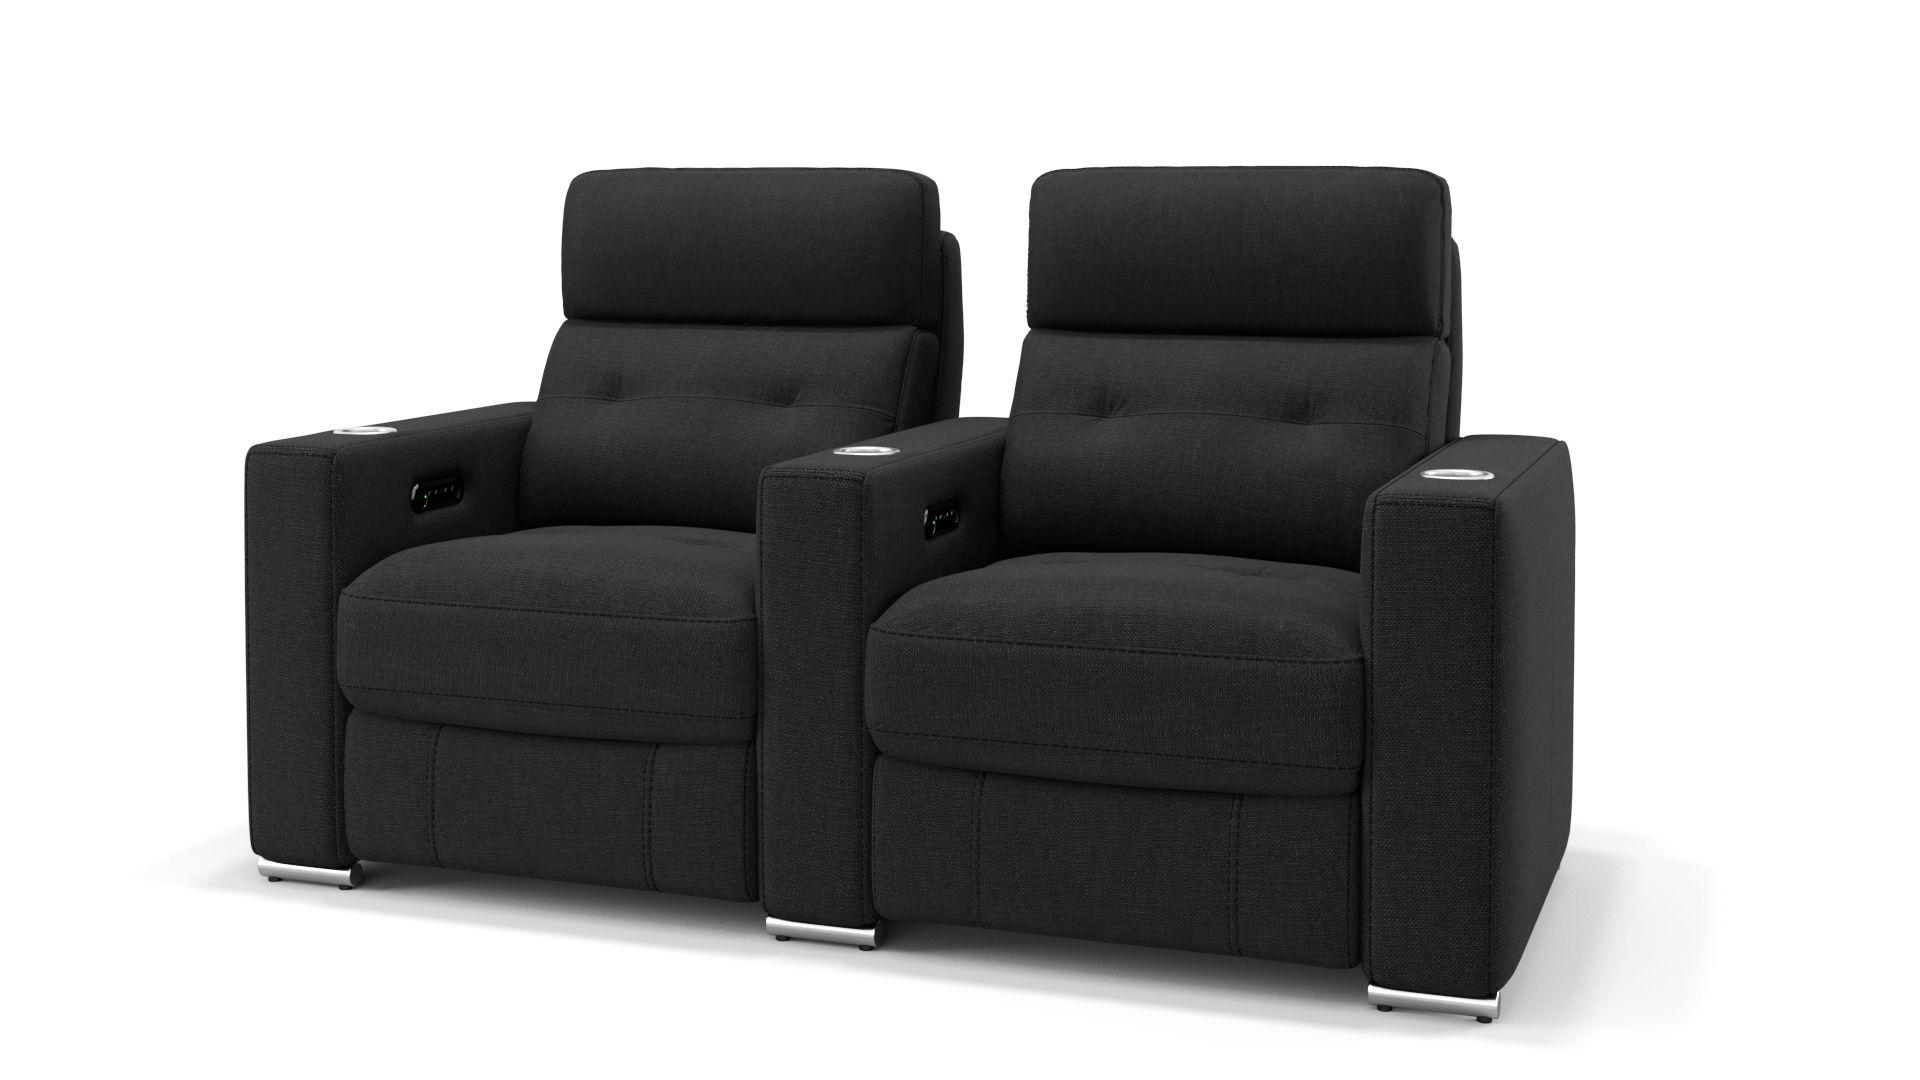 Stoff 2-Sitzer Kinosofa mit einer Mittelkonsole MATERA